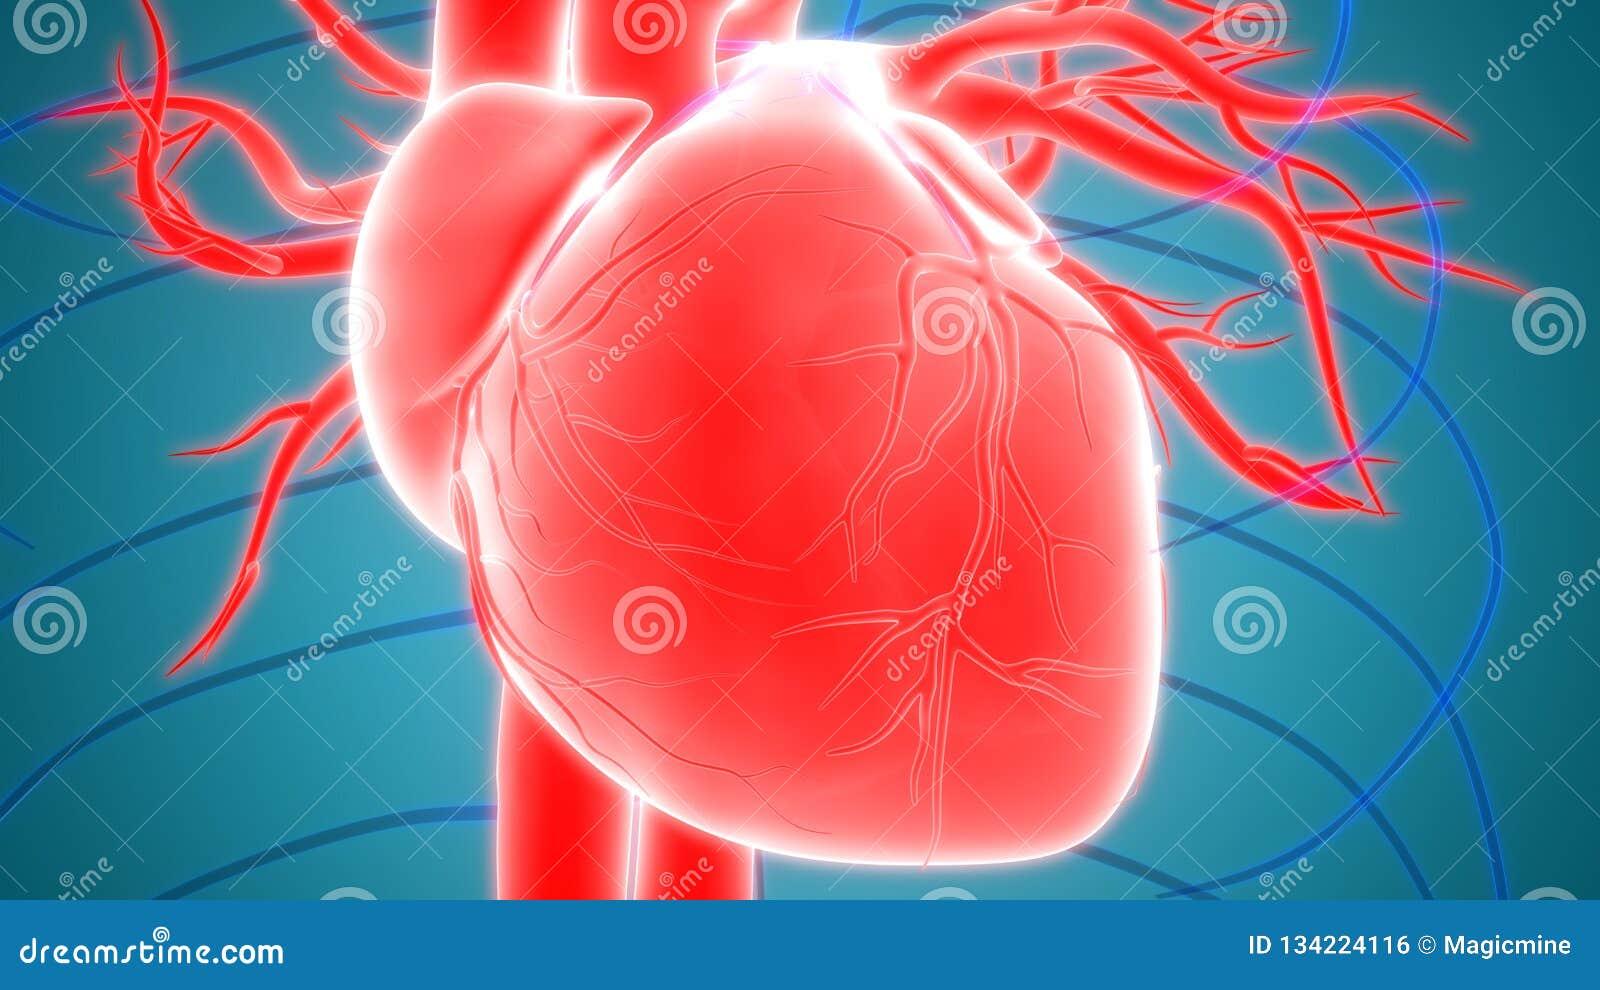 Sistema cardiovascular dos órgãos do corpo humano com anatomia do coração